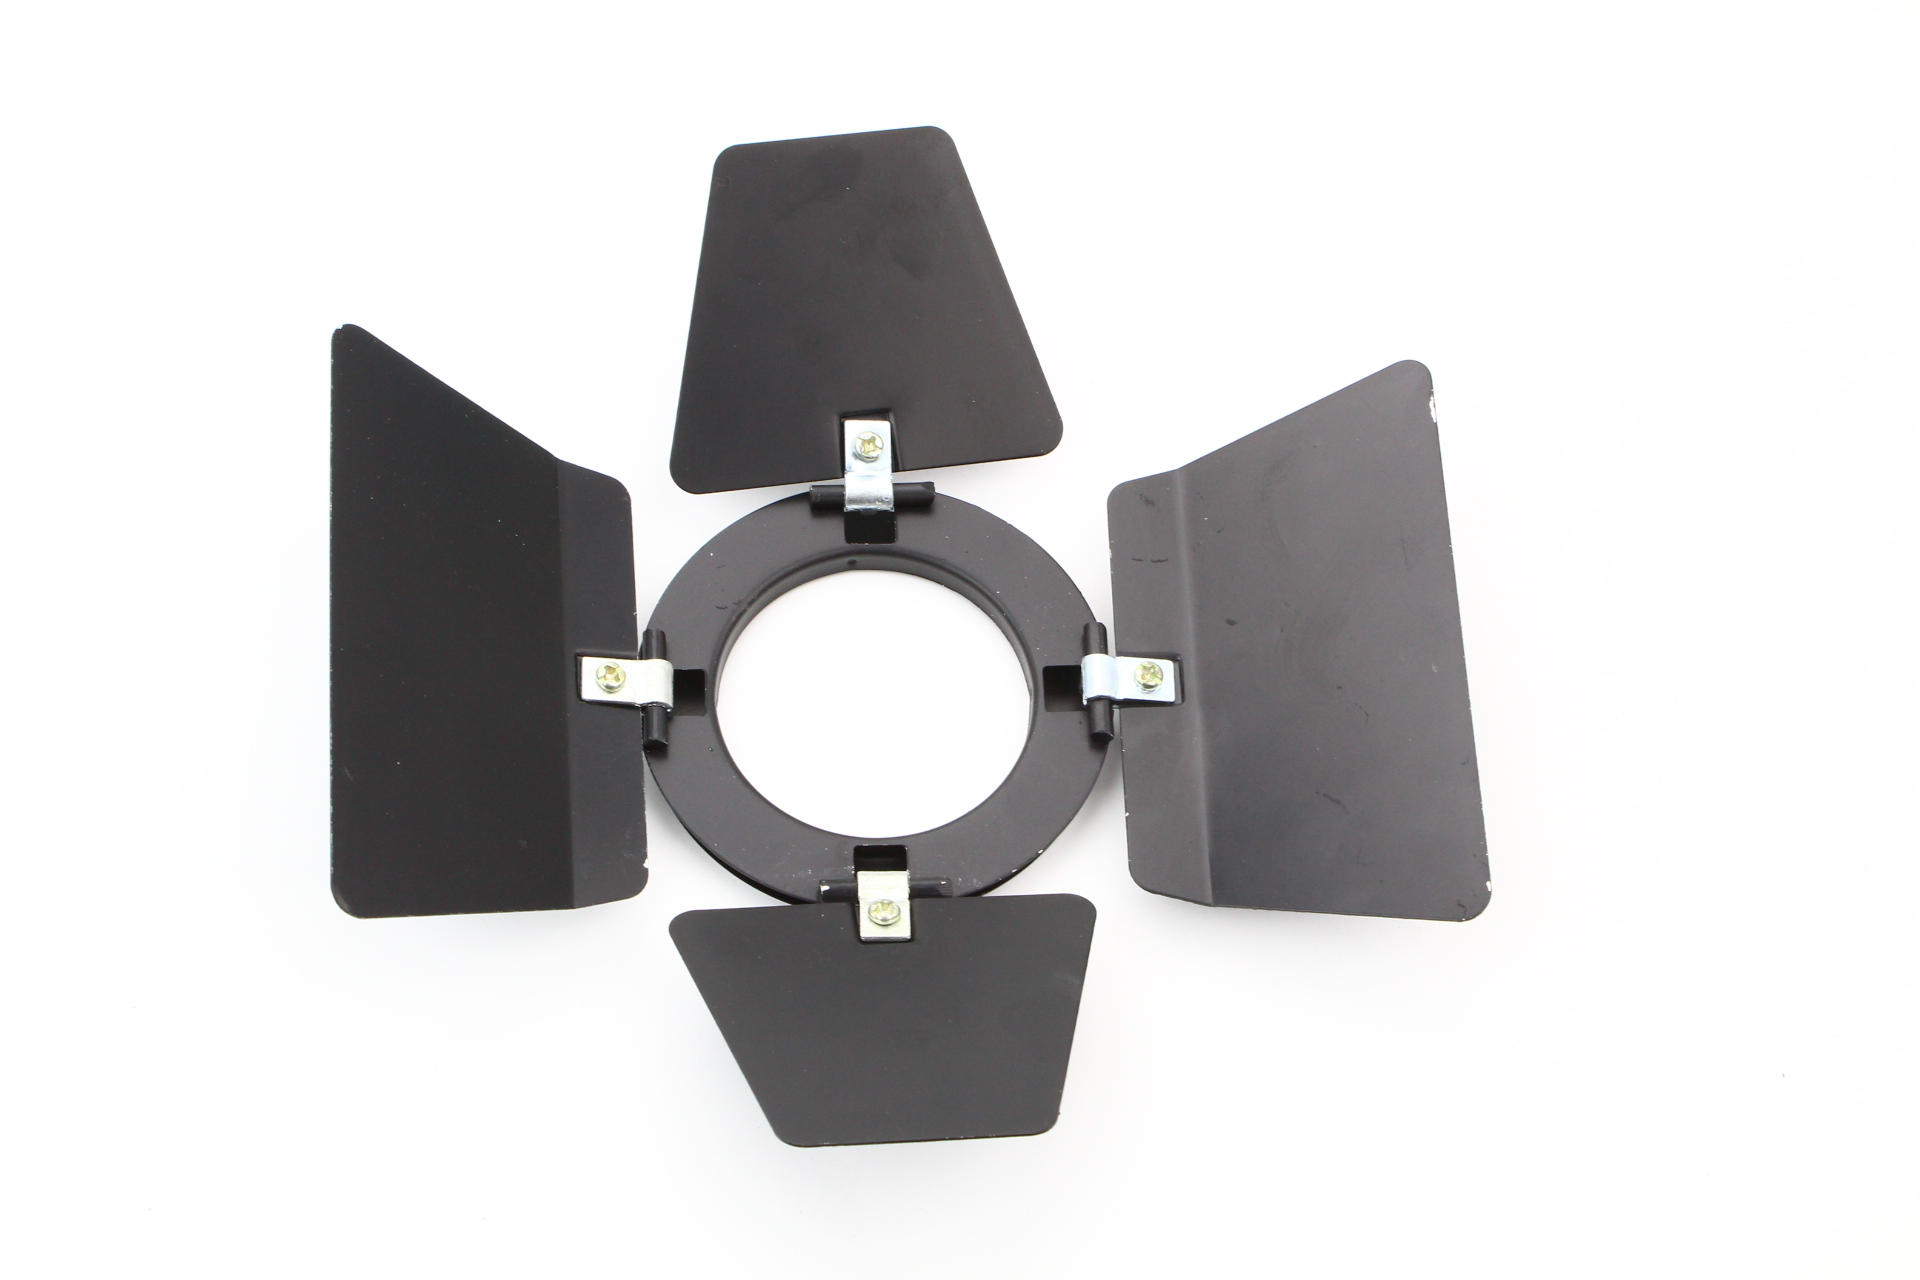 livraison gratuite volets coupe flux pour par16 noir diam tre 80mm projecteurs par 16 prozic. Black Bedroom Furniture Sets. Home Design Ideas